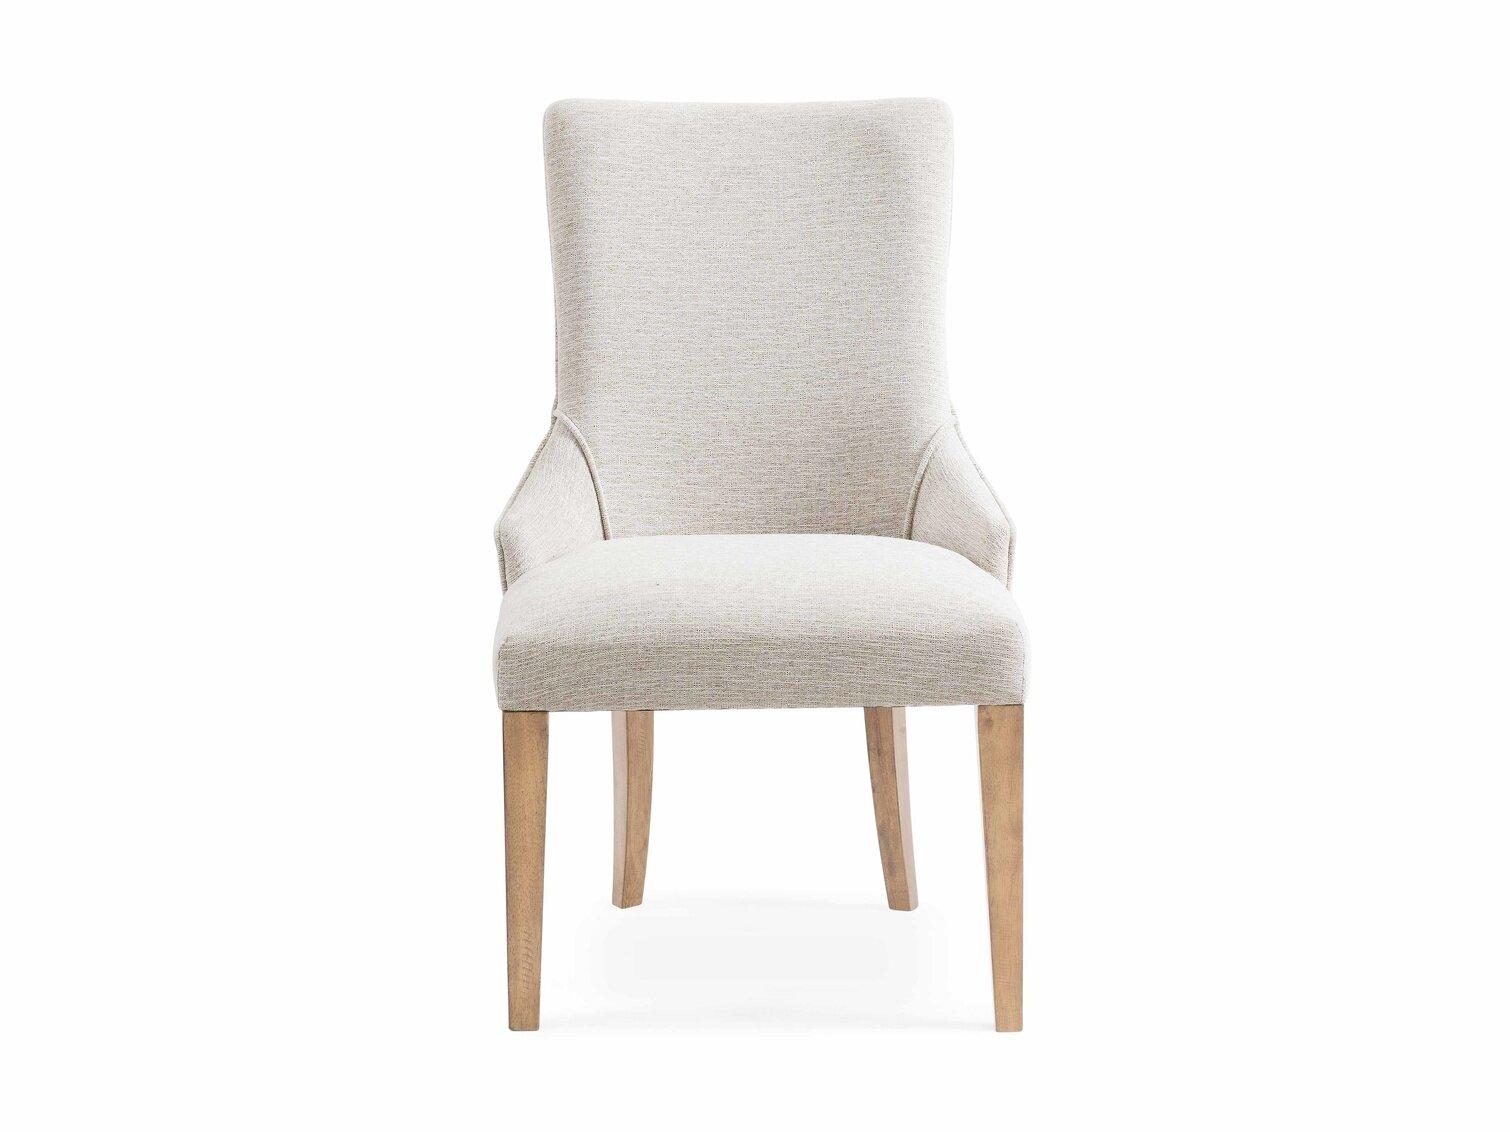 Boyne Upholstered Dining Chair Joss Main